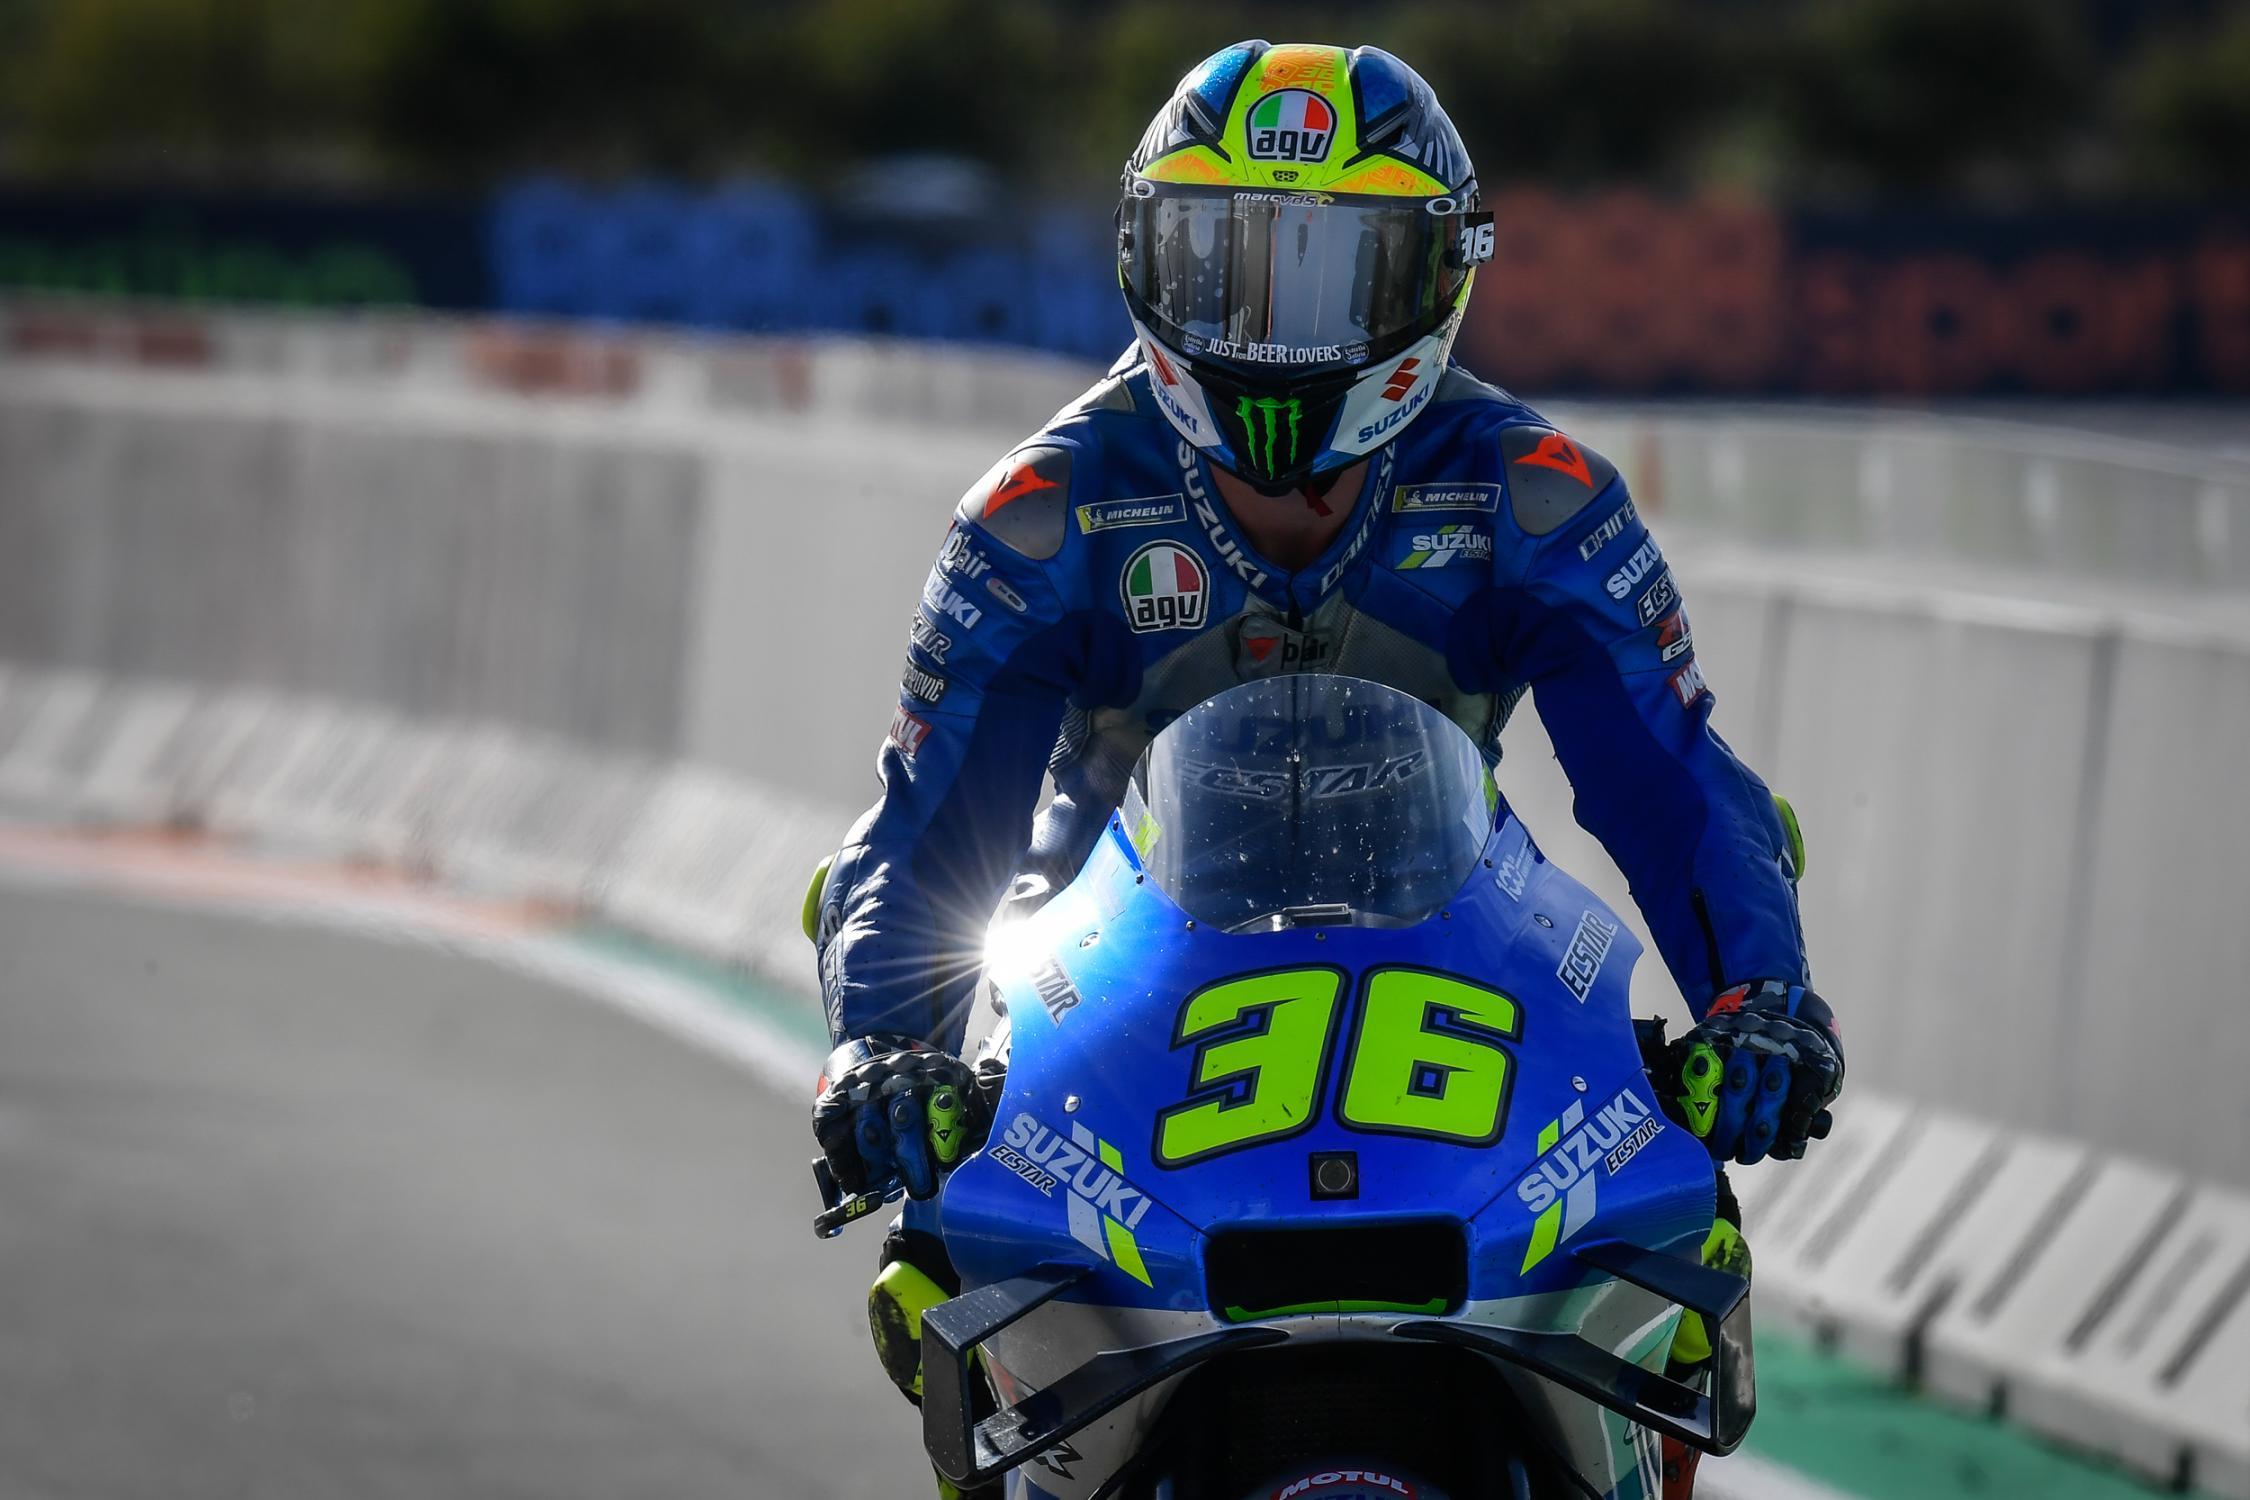 Joan Mir a un paso de coronarse campeón de MotoGP